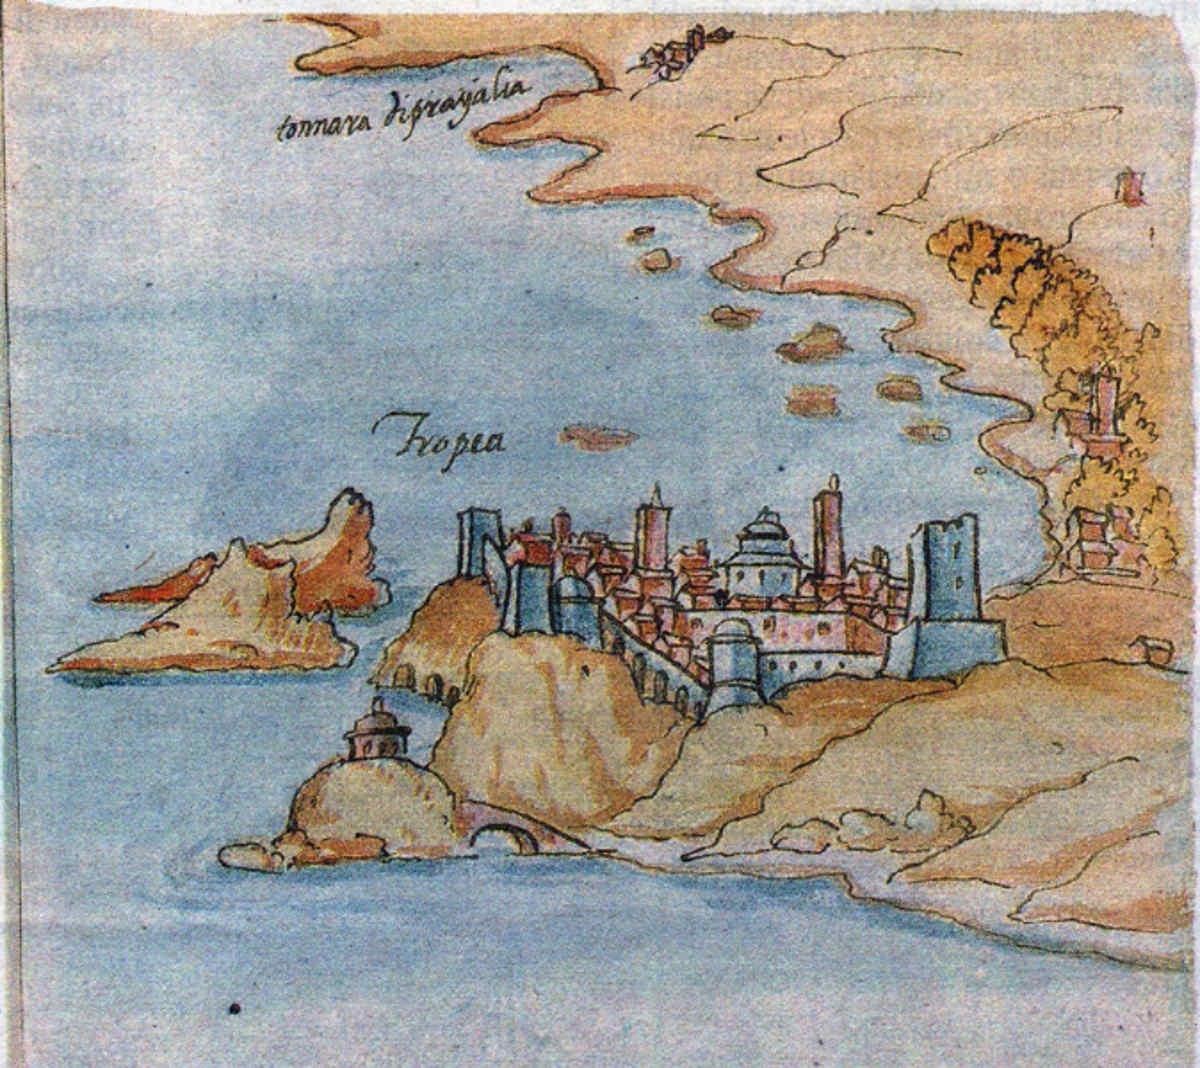 Scoprire e visitare Tropea antica - antico acquerello